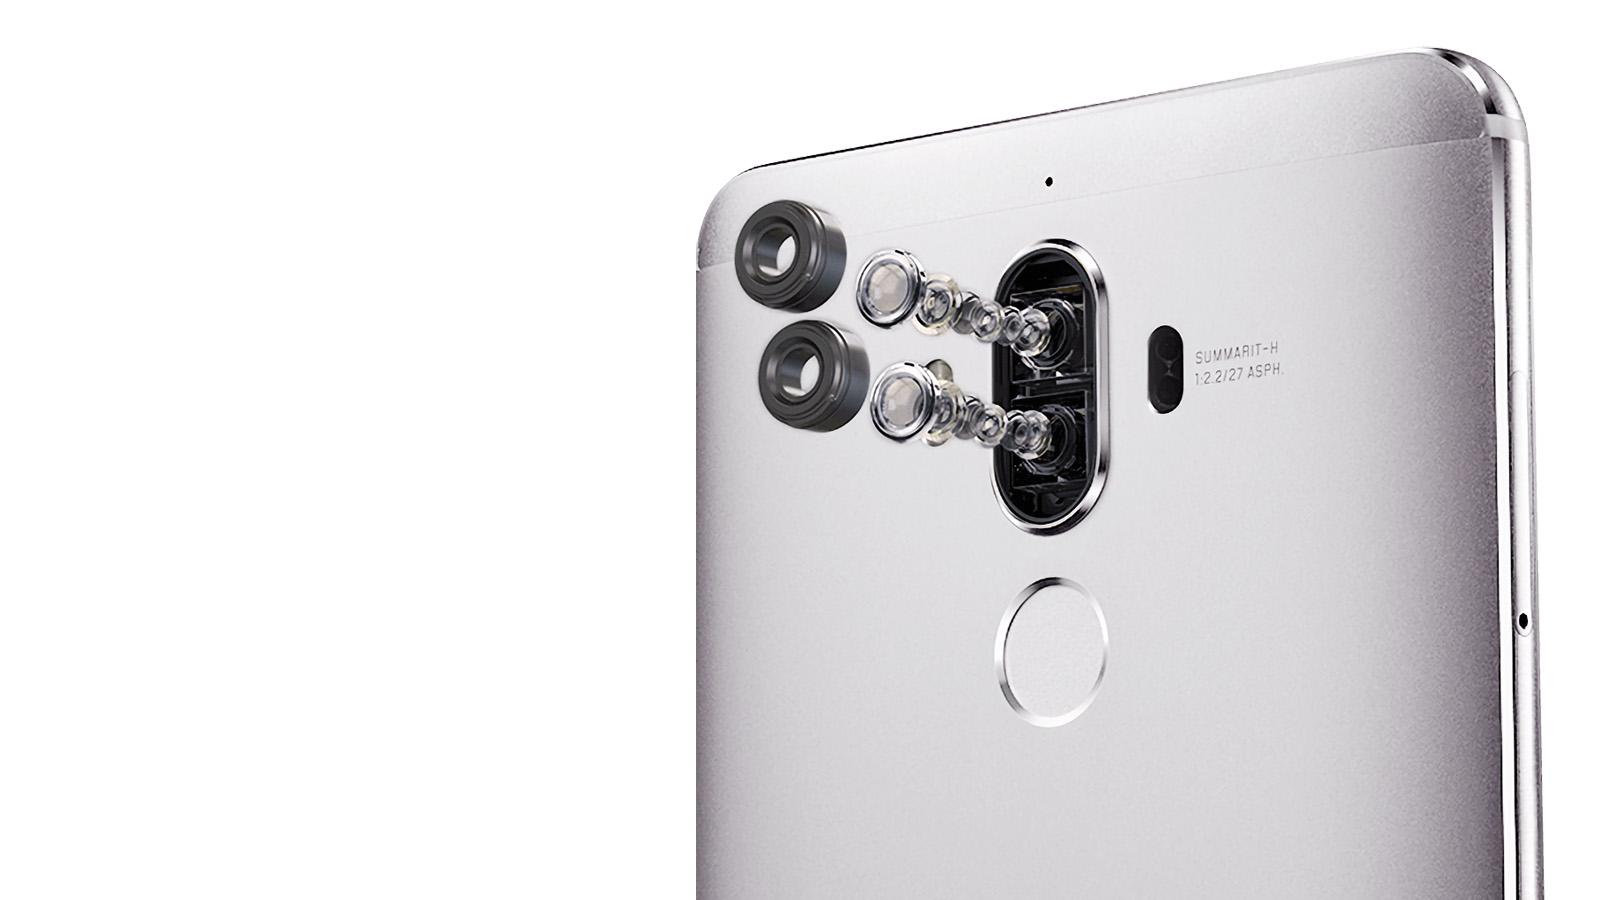 Huawei Mate 9 デュアルカメラ